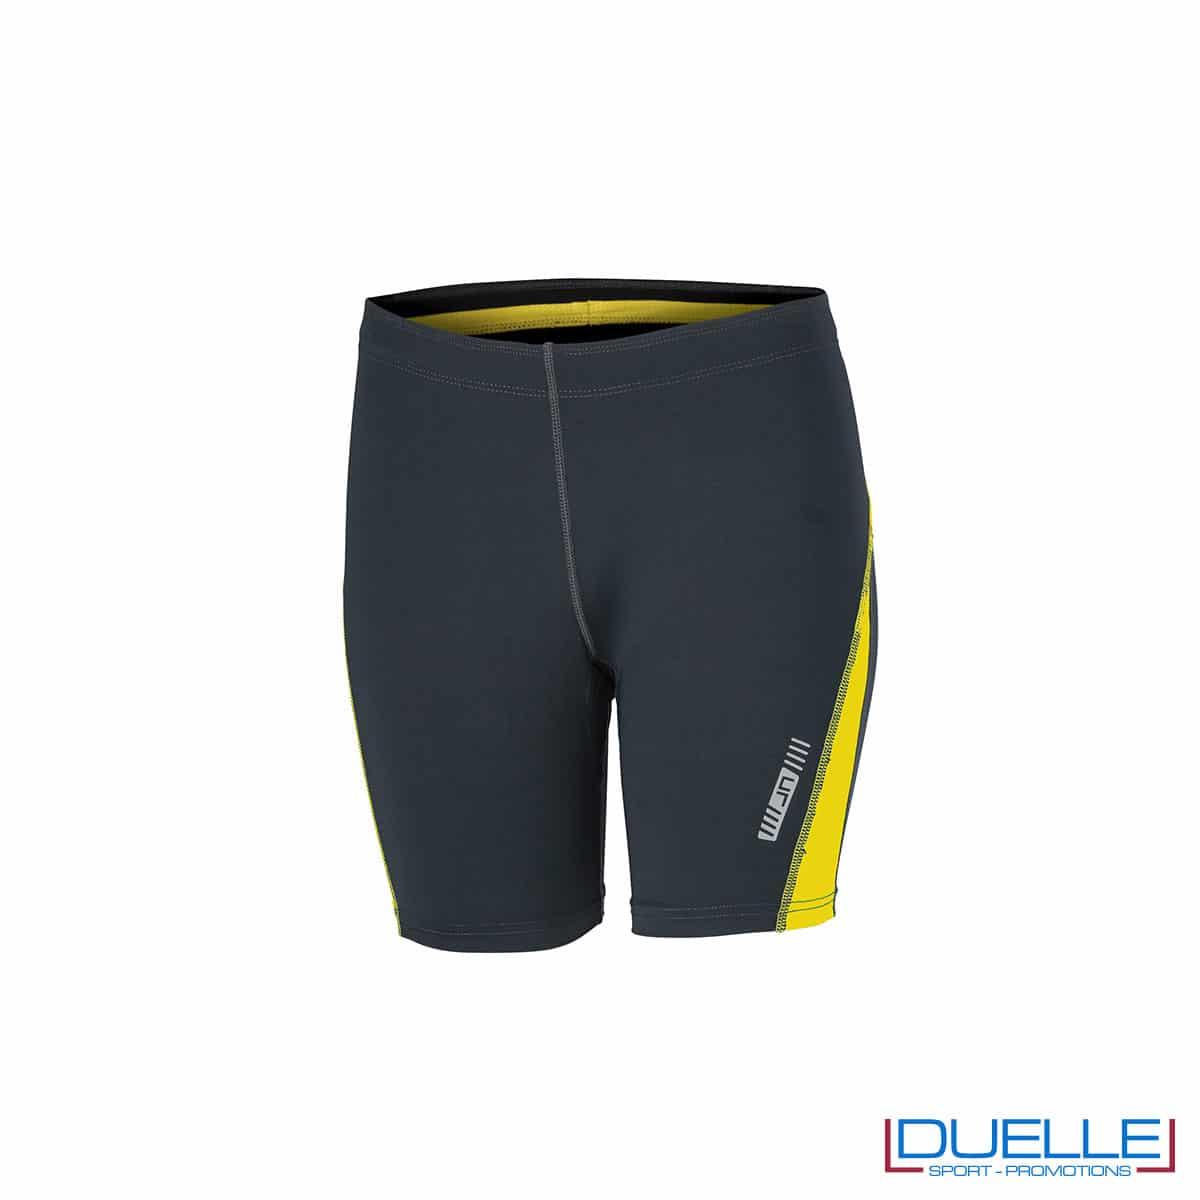 Pantaloncini running donna personalizzati colore antracite/giallo